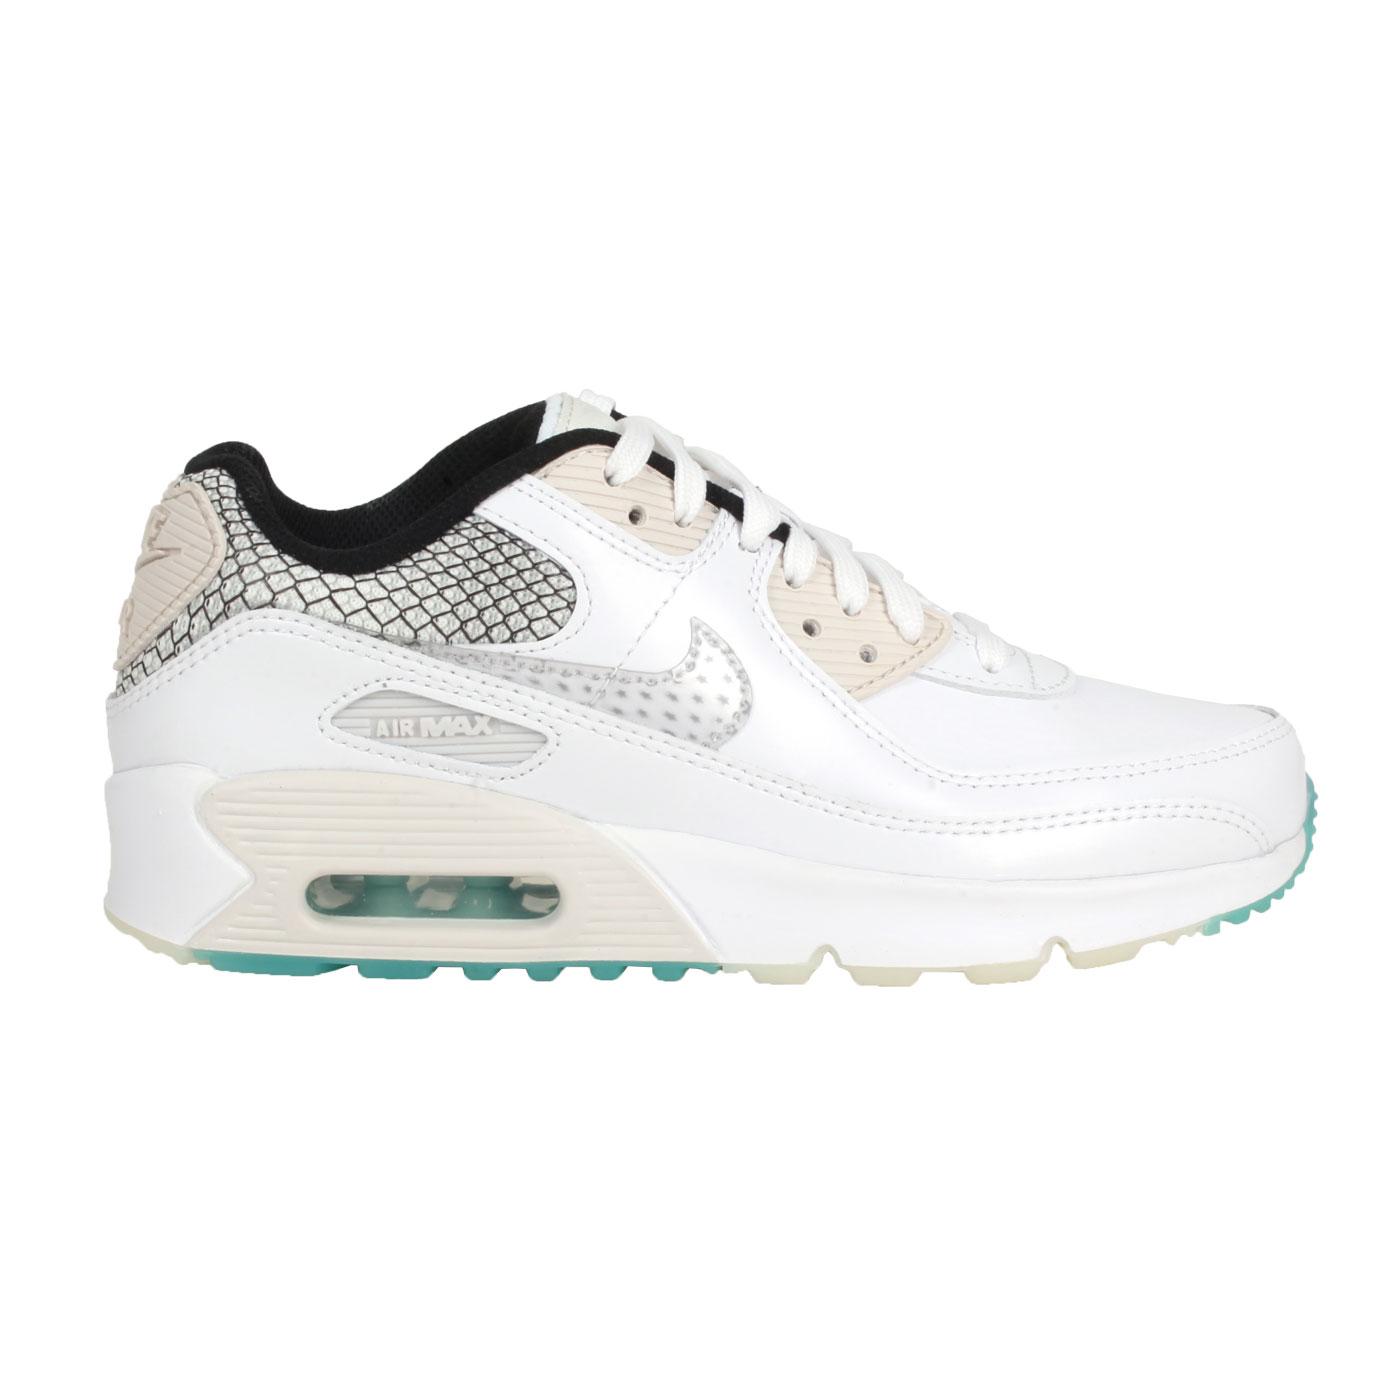 NIKE 女款休閒鞋  @AIR 90 SE 2 (GS)@DB4187100 - 白黑淺卡其